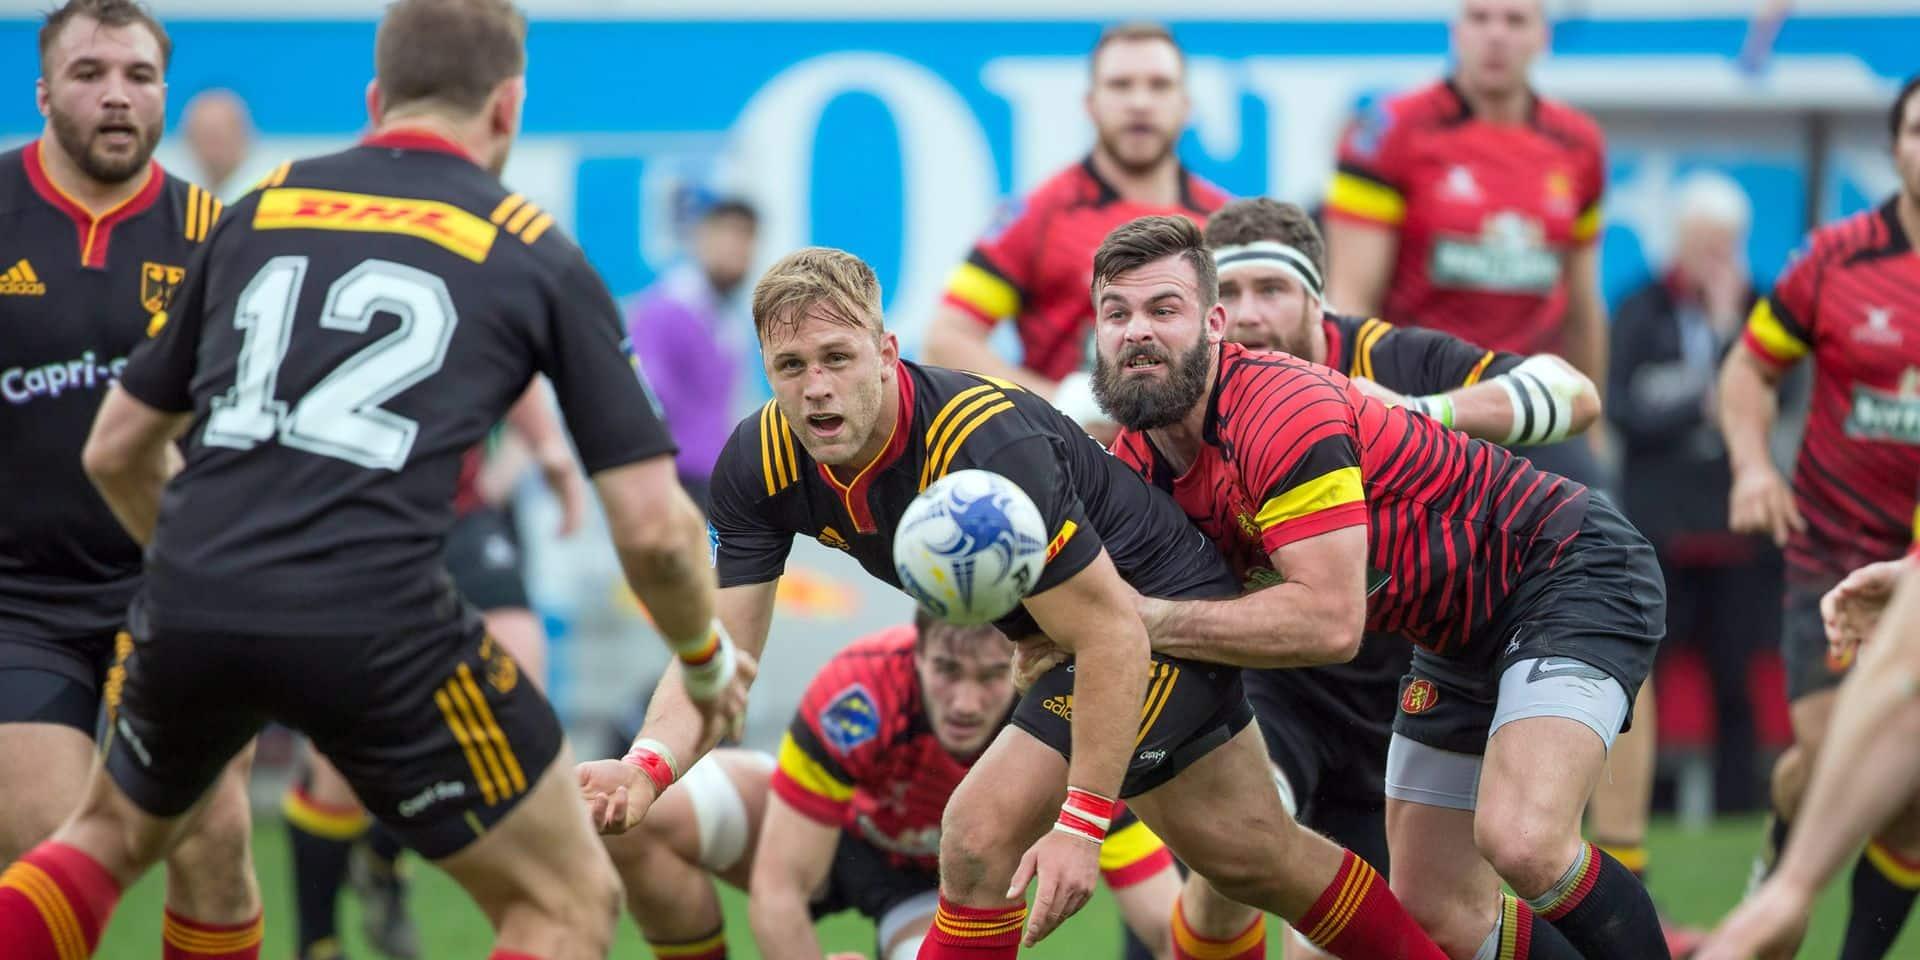 Il n'y aura plus de rugby en Belgique avant 2021